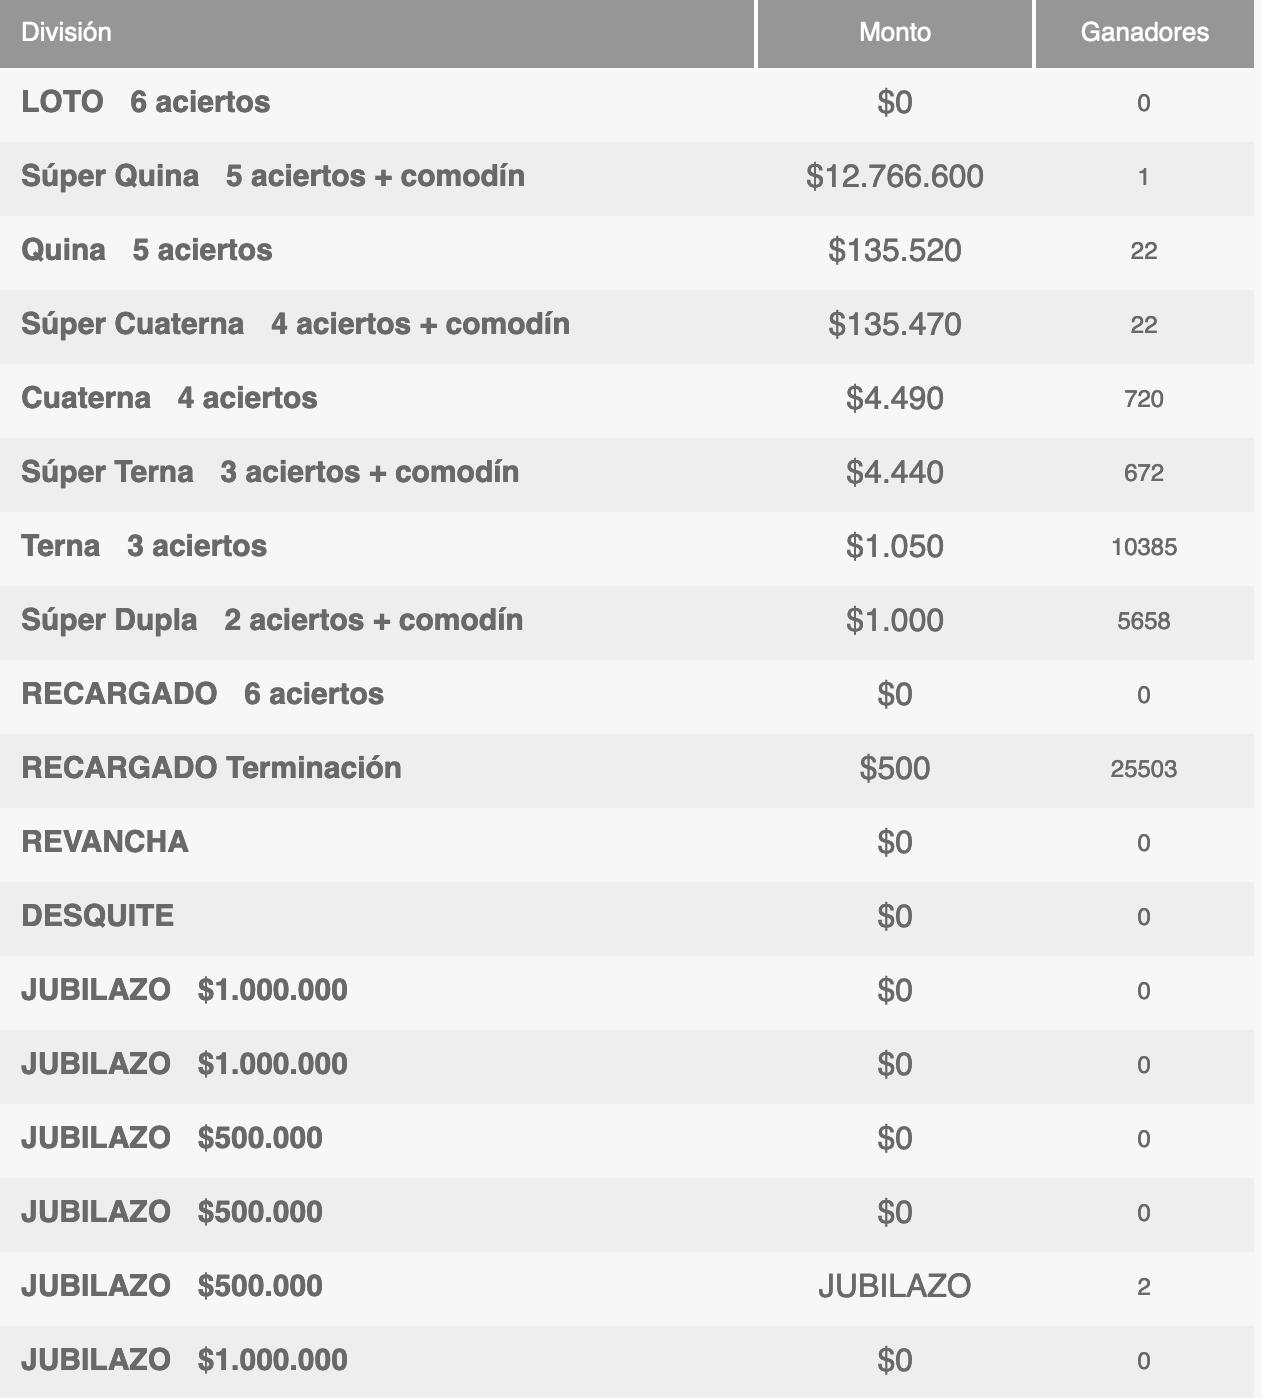 Ganadores Loto Chile Sorteo 4705